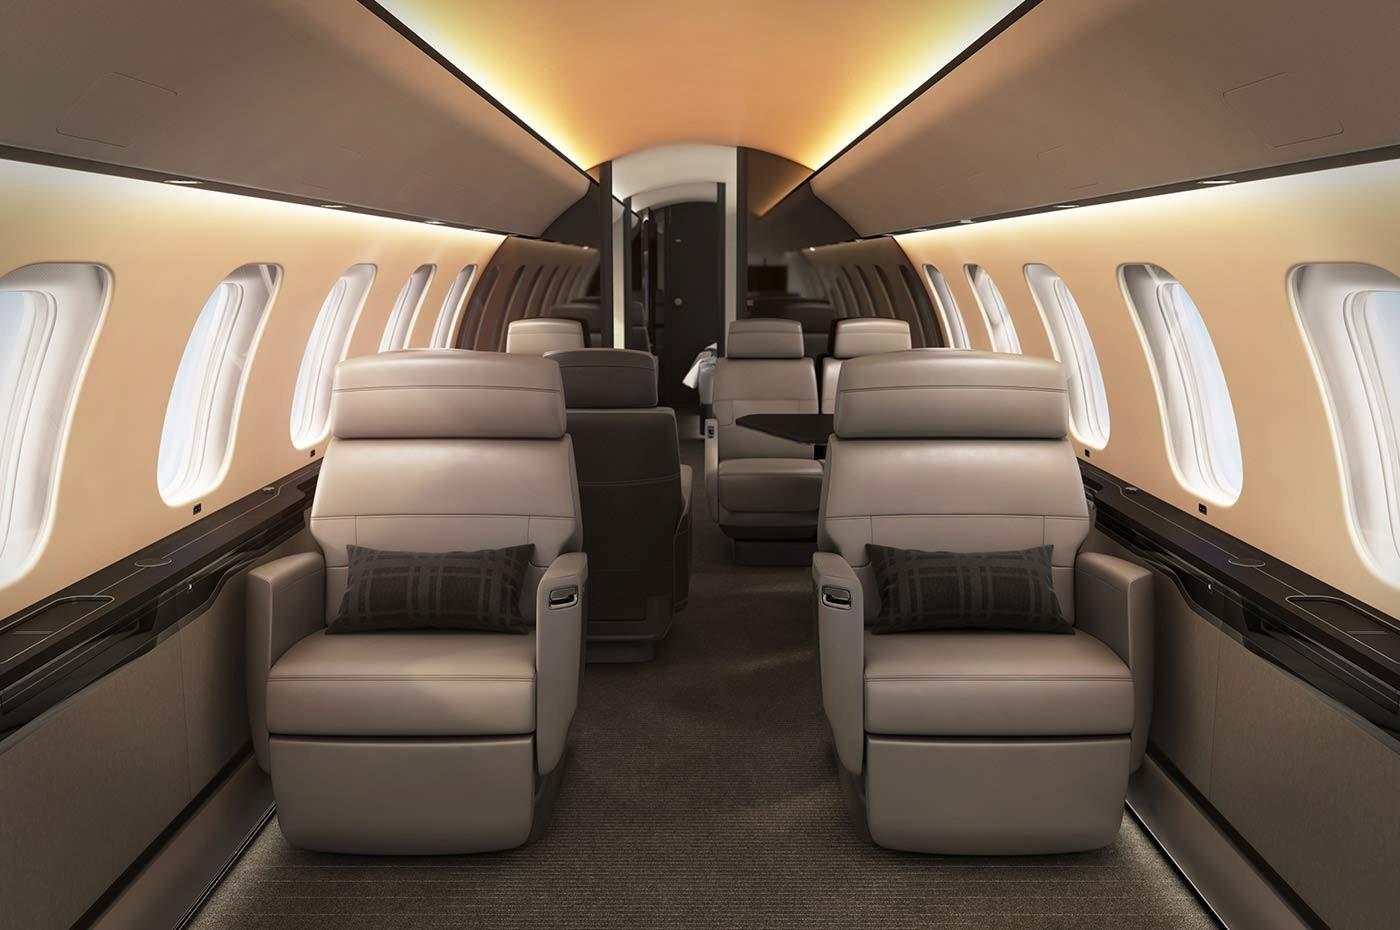 Global 7500 Club Suite